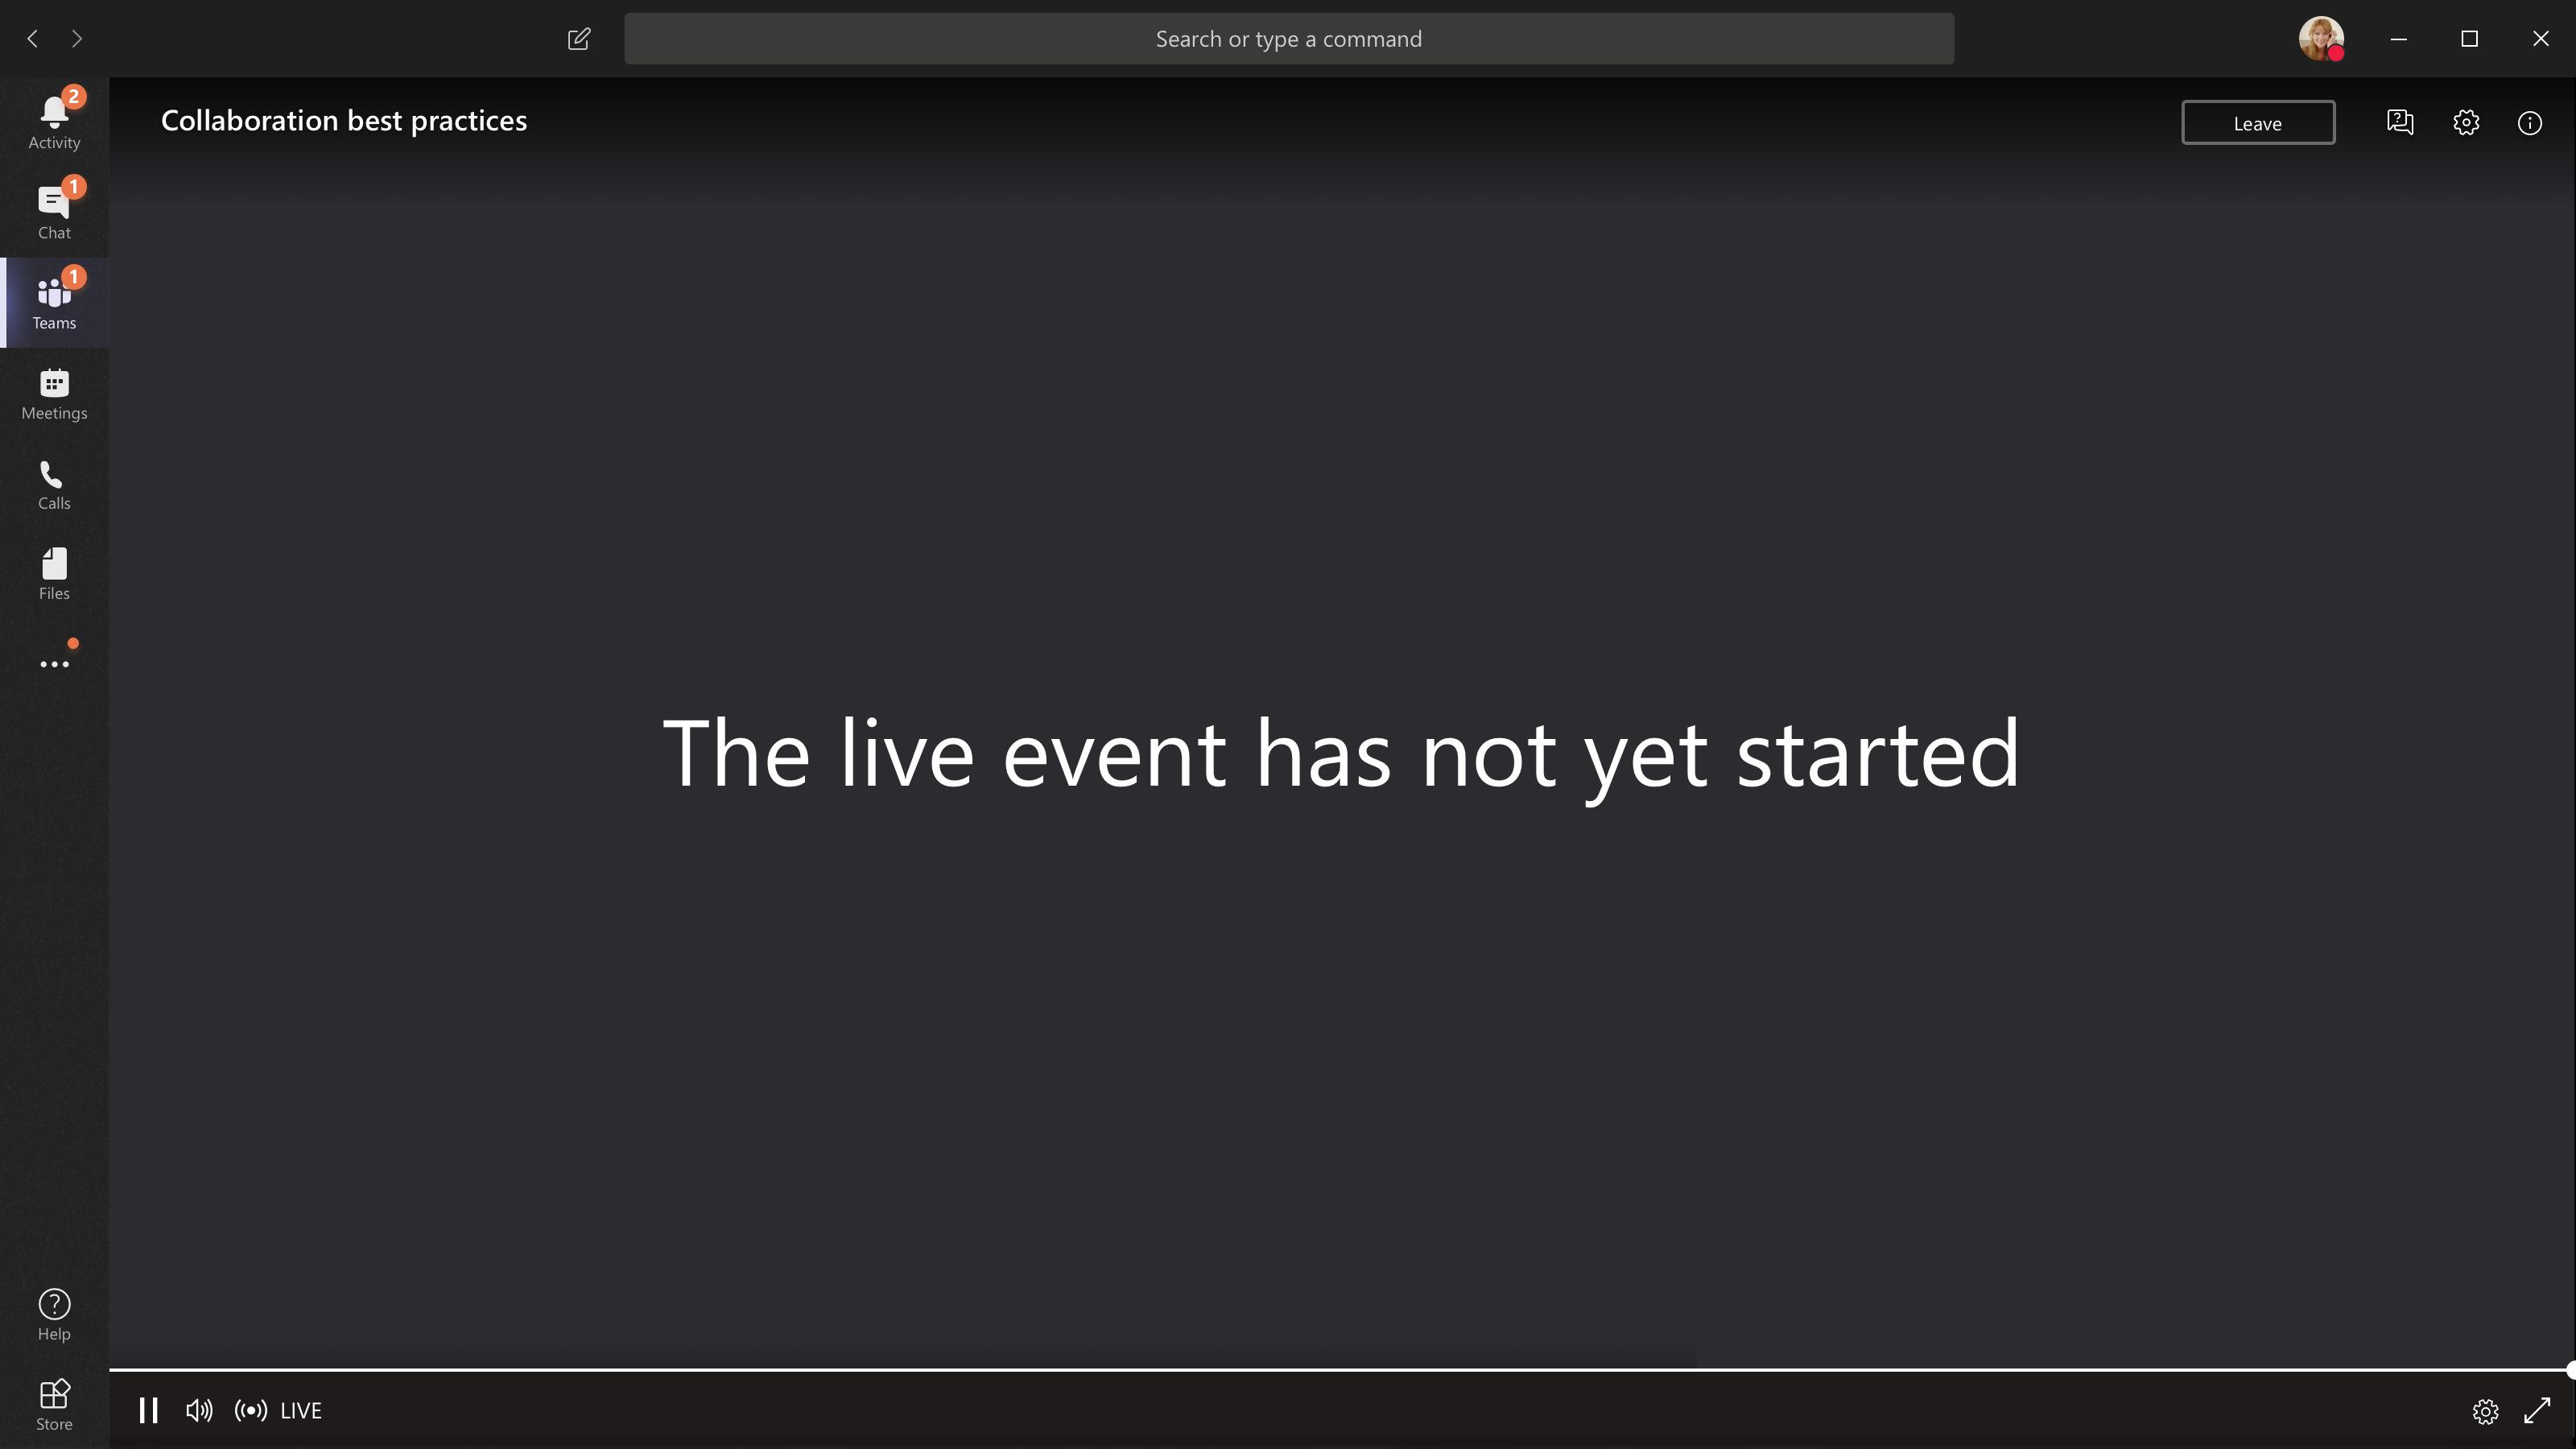 Събитието не е стартирано